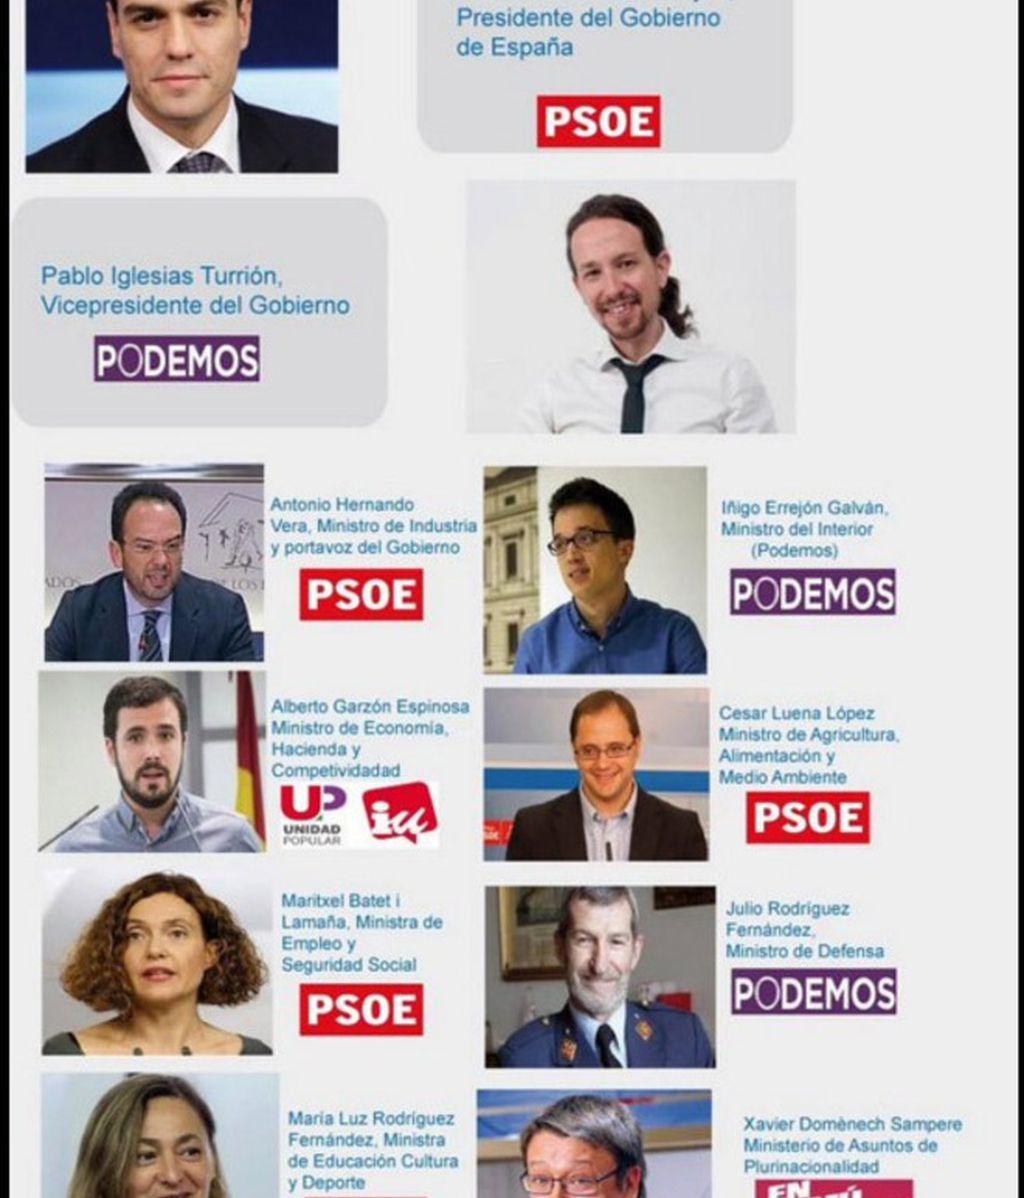 Podemos Zaragoza 'desvela' los ministros del pacto entre Pedro Sánchez y Pablo Iglesias